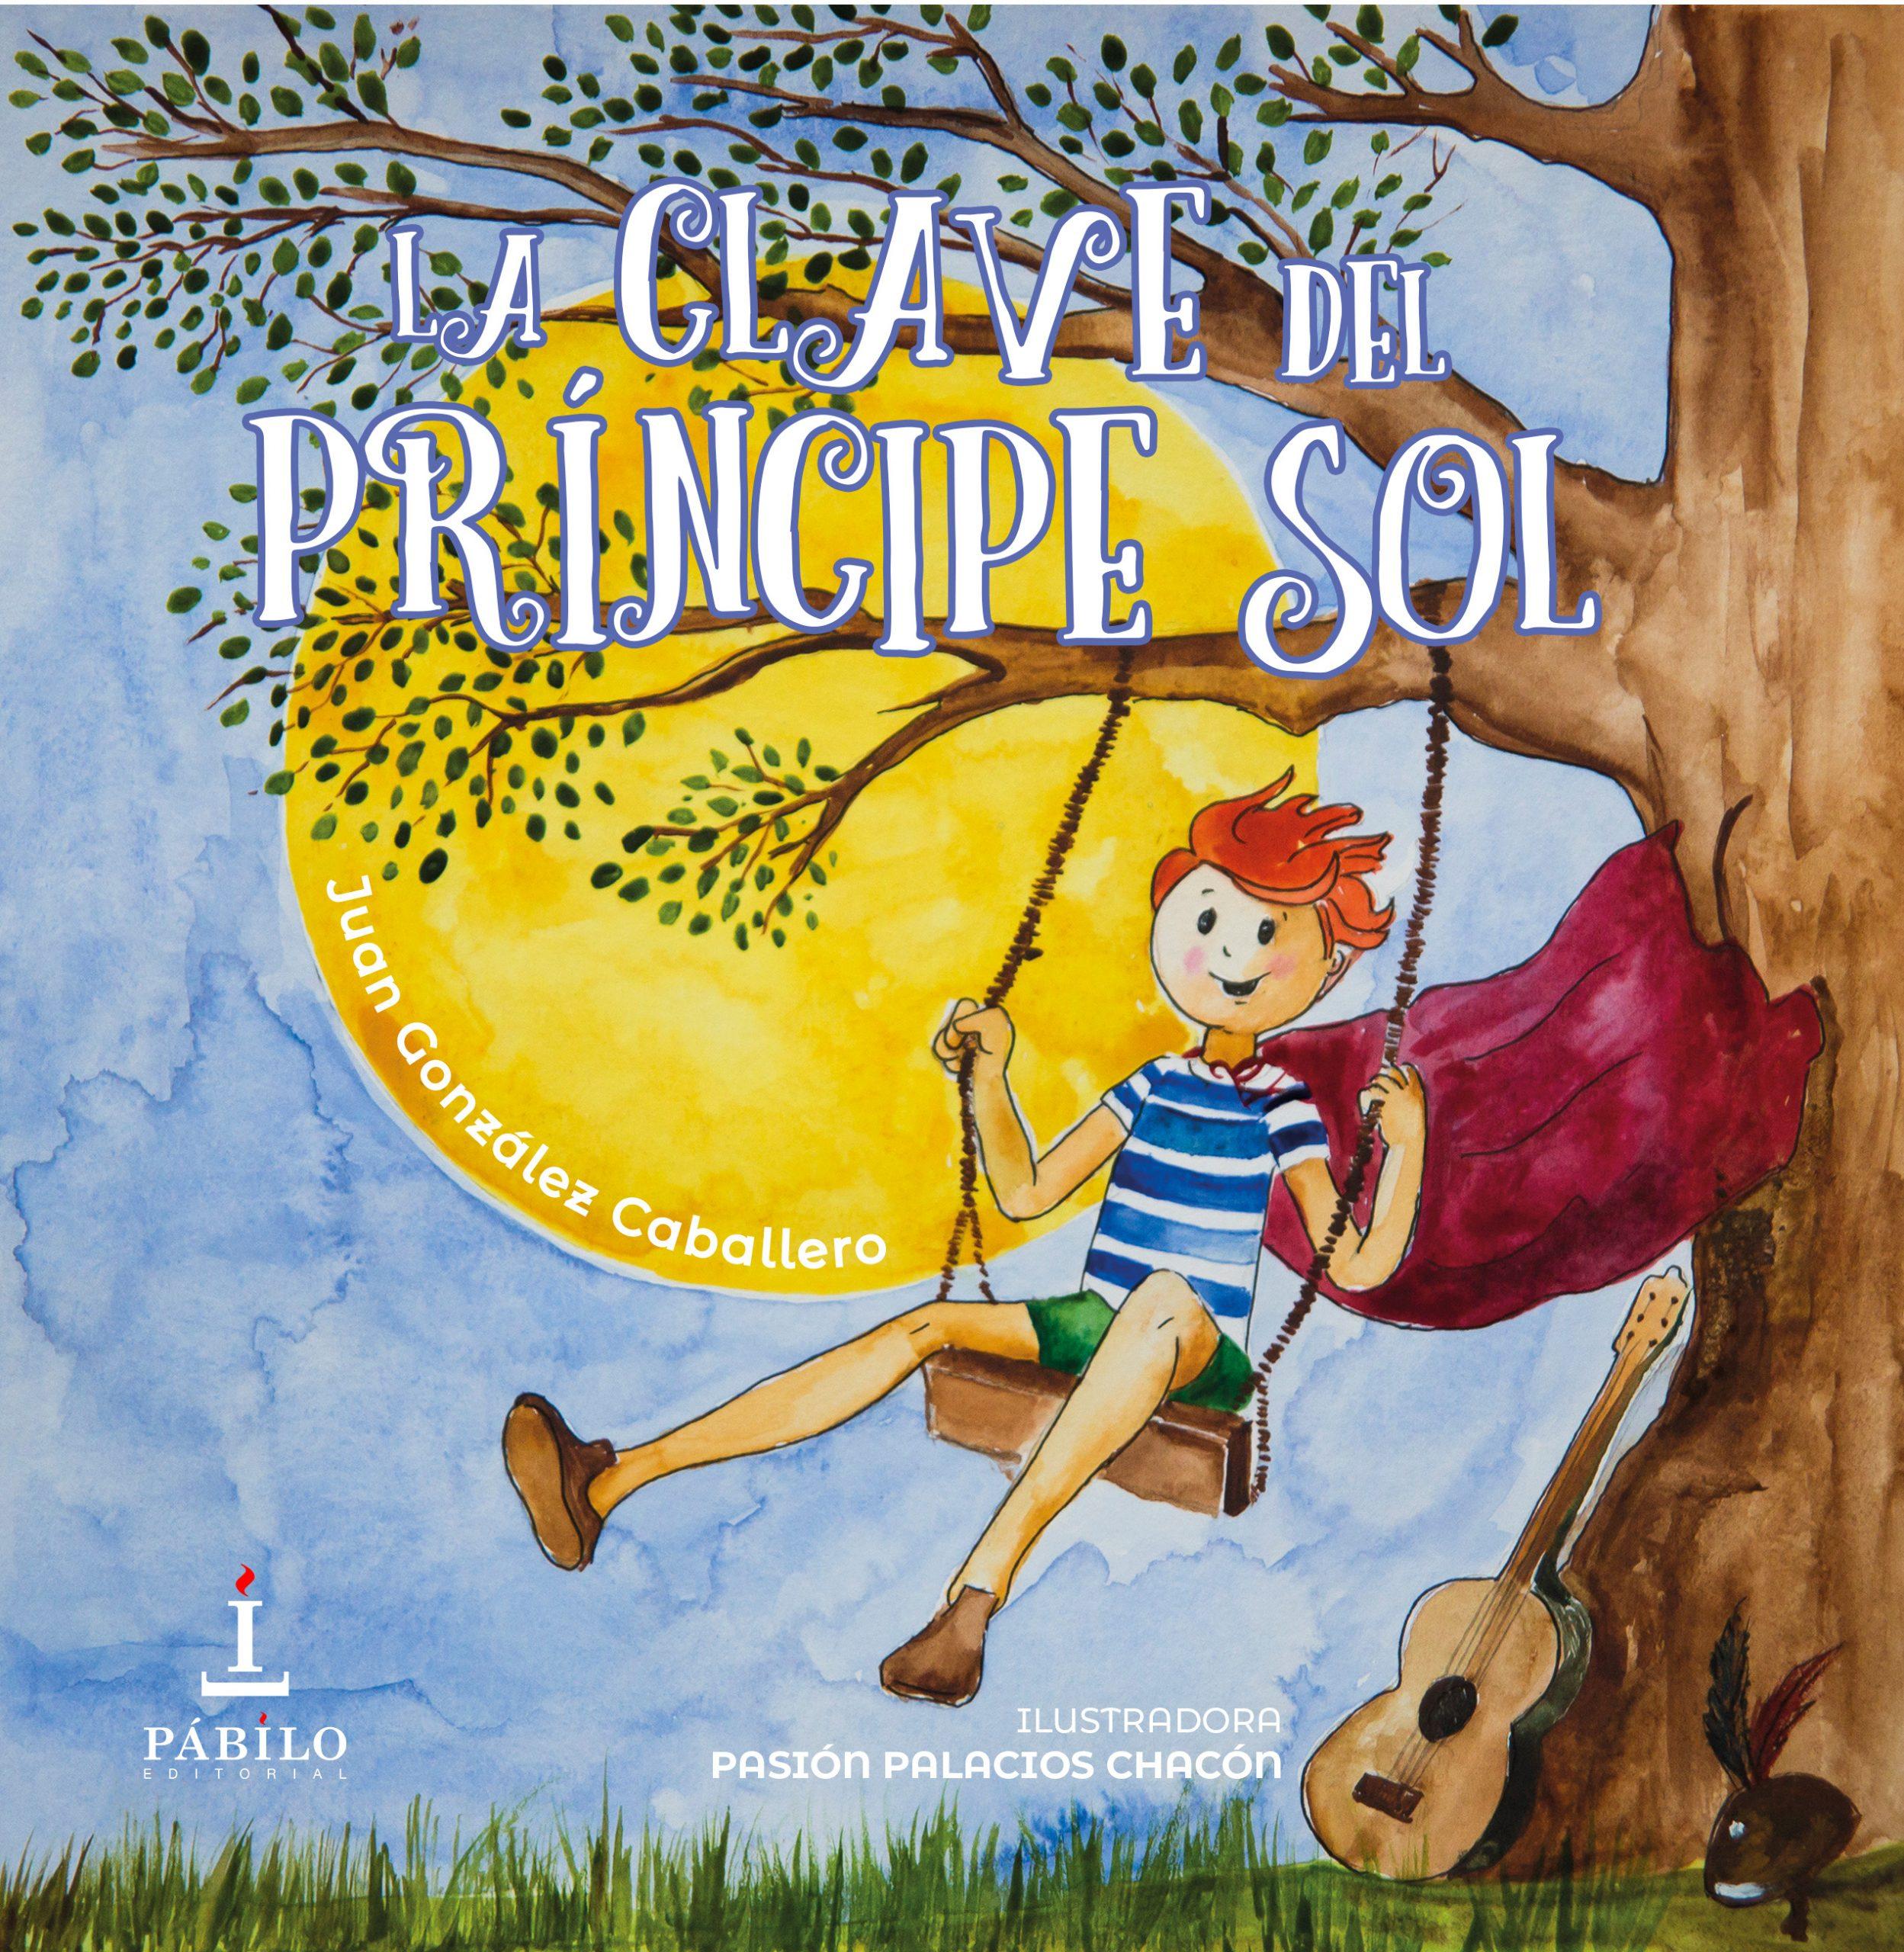 'La clave del príncipe Sol', el poder educativo de la música con la magia de Juan González Caballero 3